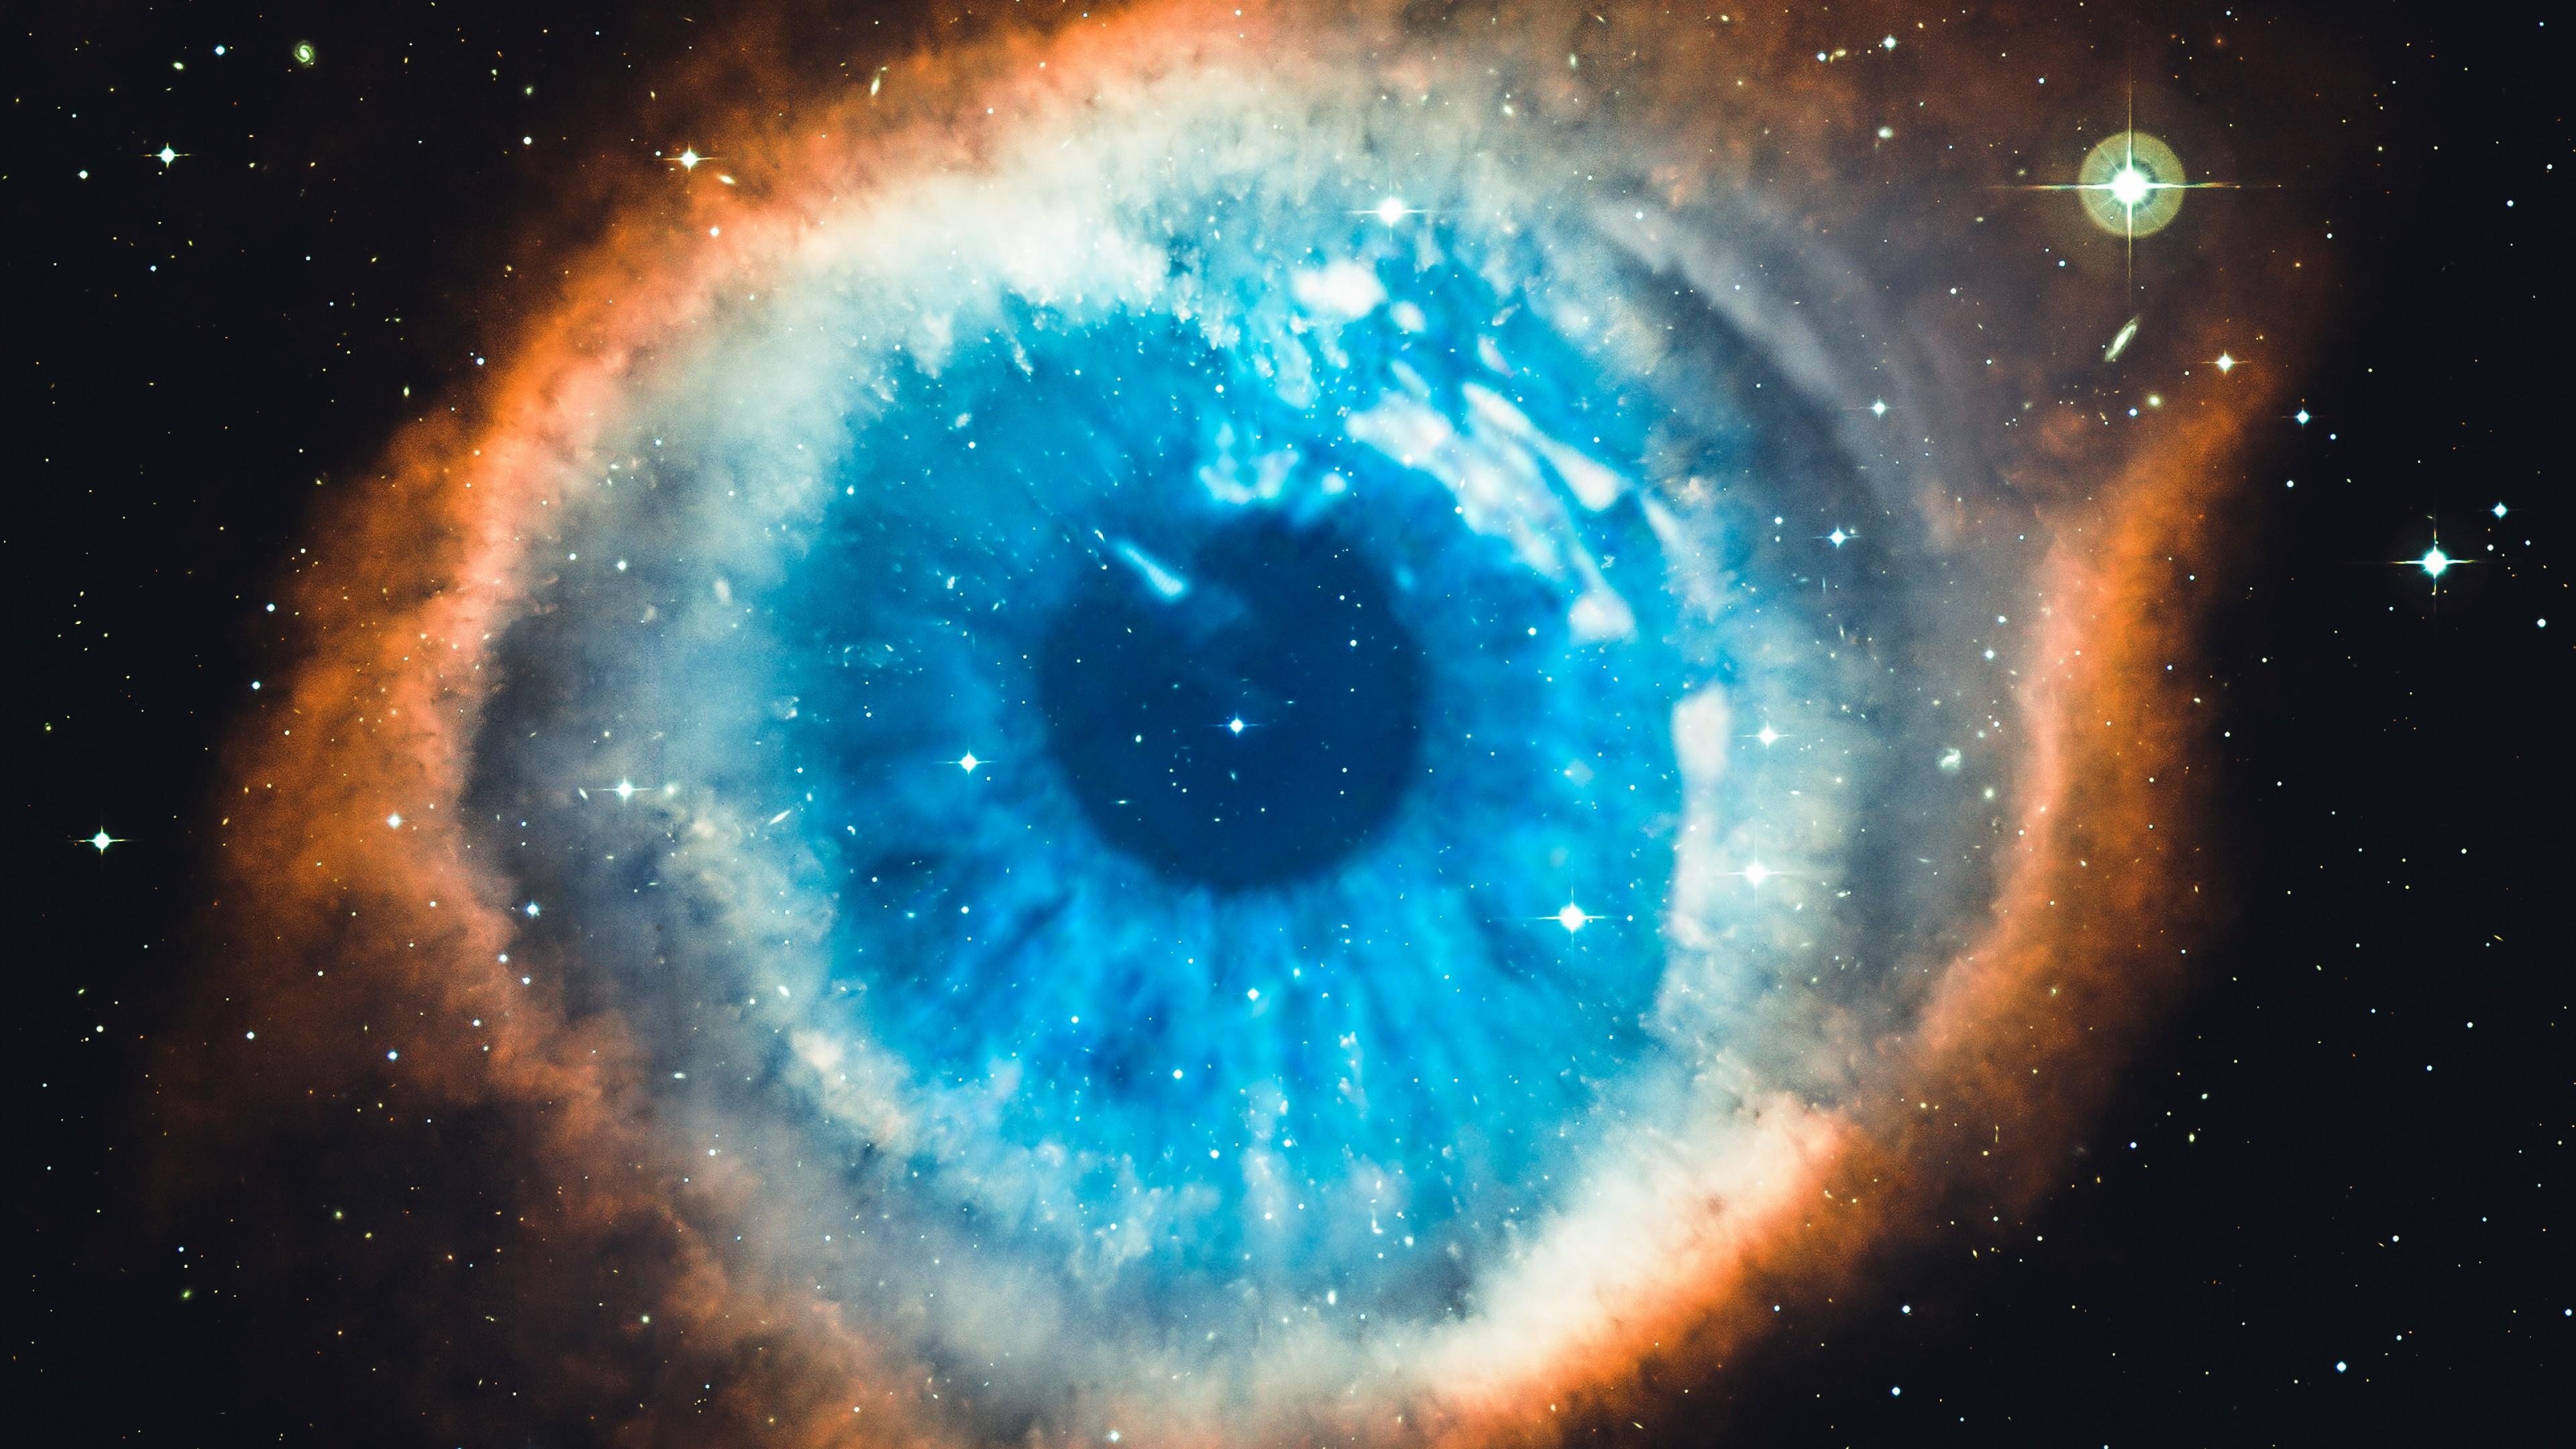 Helix Nebula Galaxy Universe Stars Space Blue White Black 3840x2160